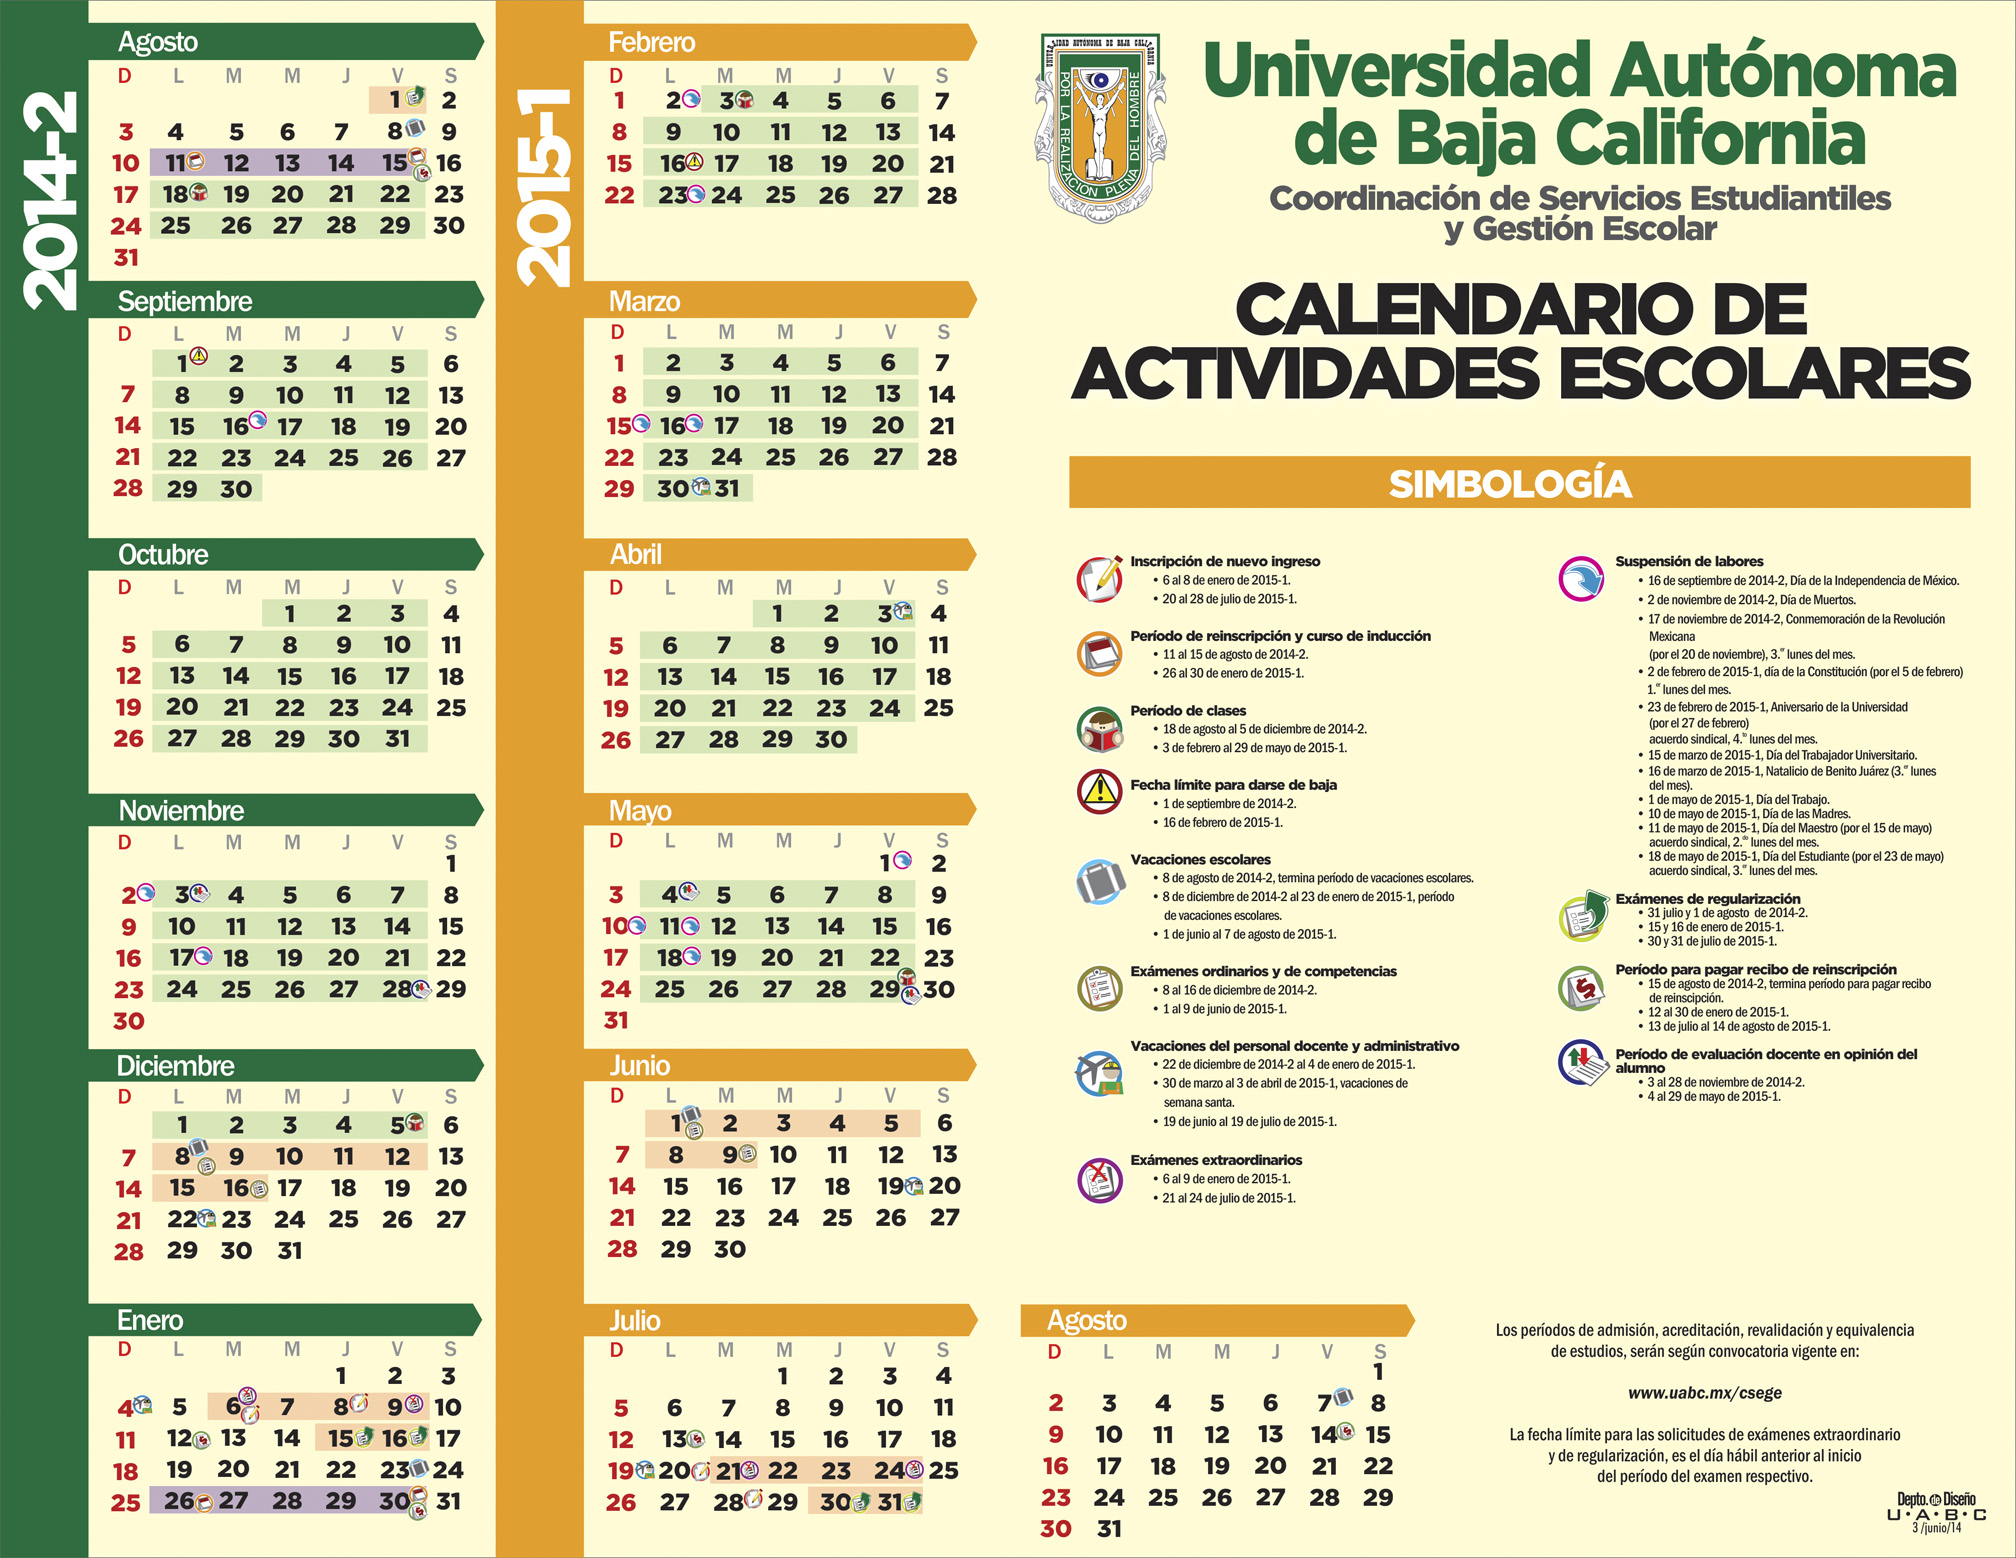 Calendario 2016 Uabc | newhairstylesformen2014.com